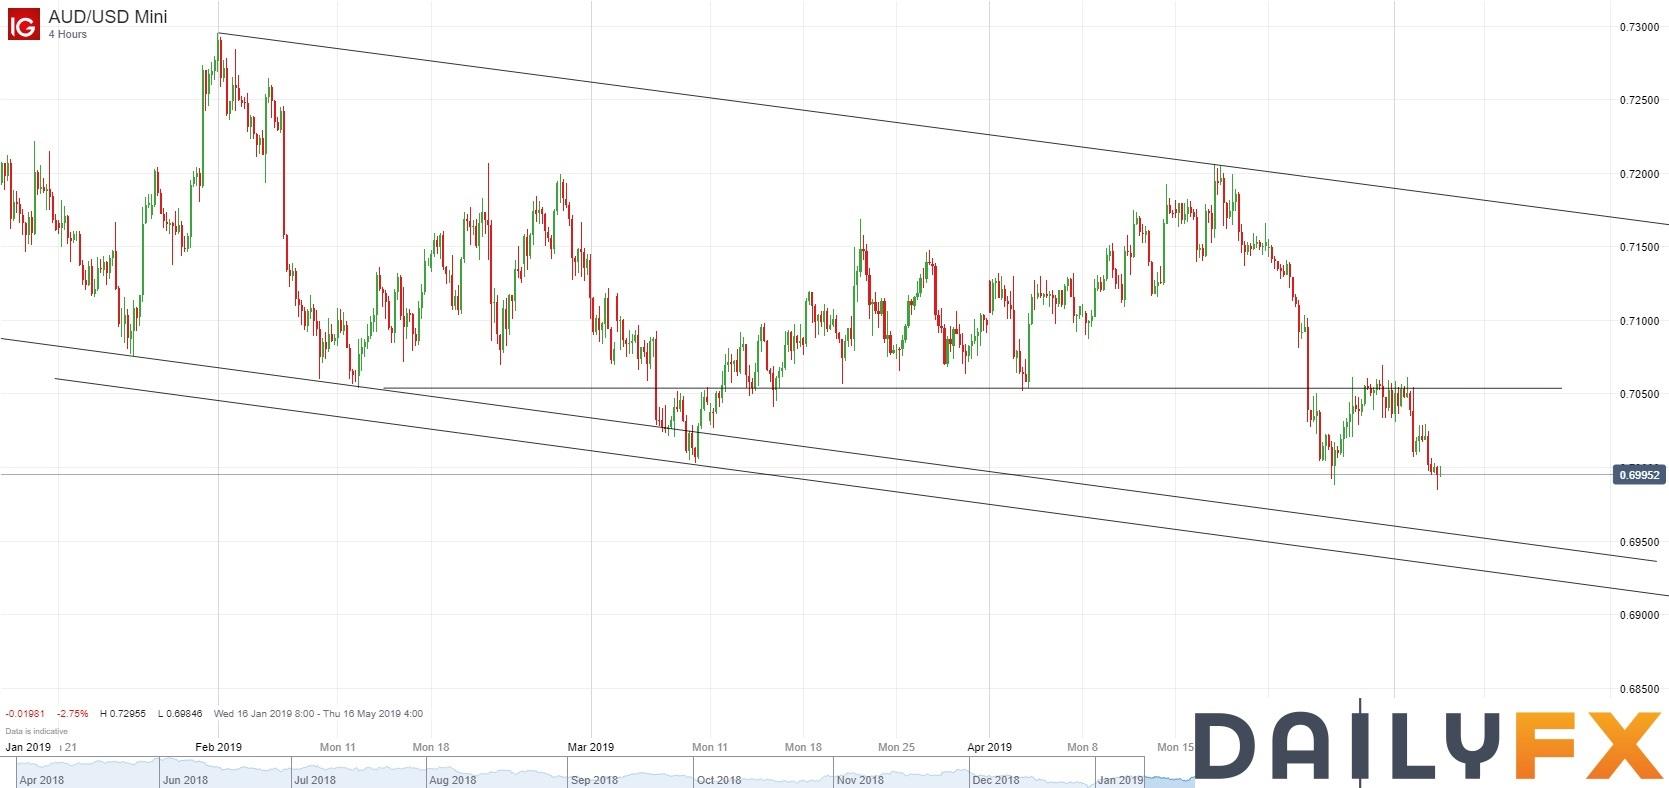 澳元/美元技術分析:下行刷新低,日圖可能朝通道下軌跌去